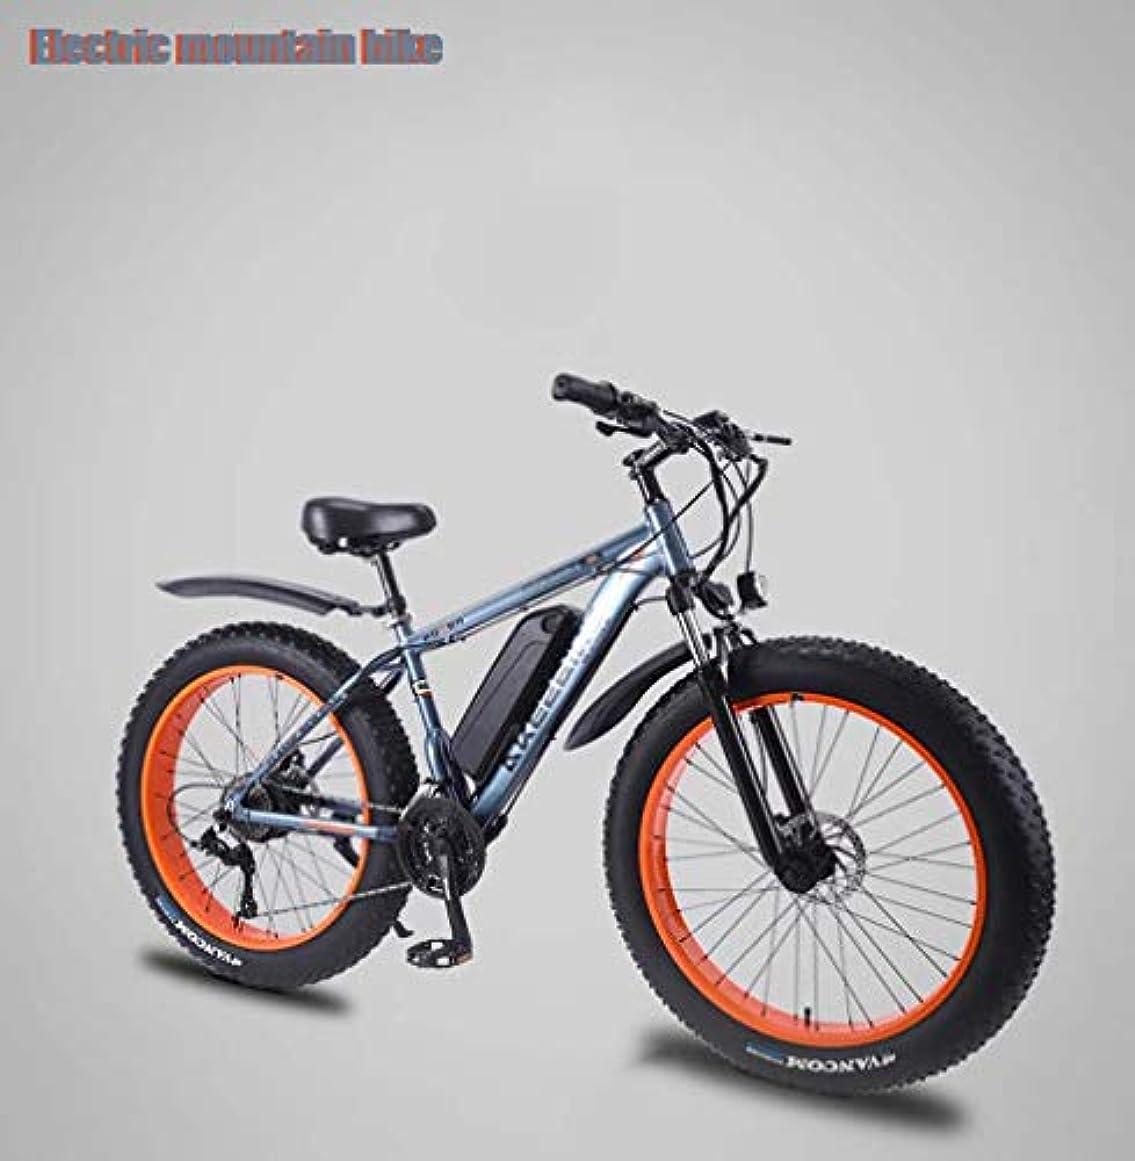 聖職者吐き出すまどろみのある大人のメンズ電気マウンテンバイク、リムーバブル36V 13AHリチウム電池、350Wビーチ雪バイク、アルミ合金オフロード自転車、26インチホイール